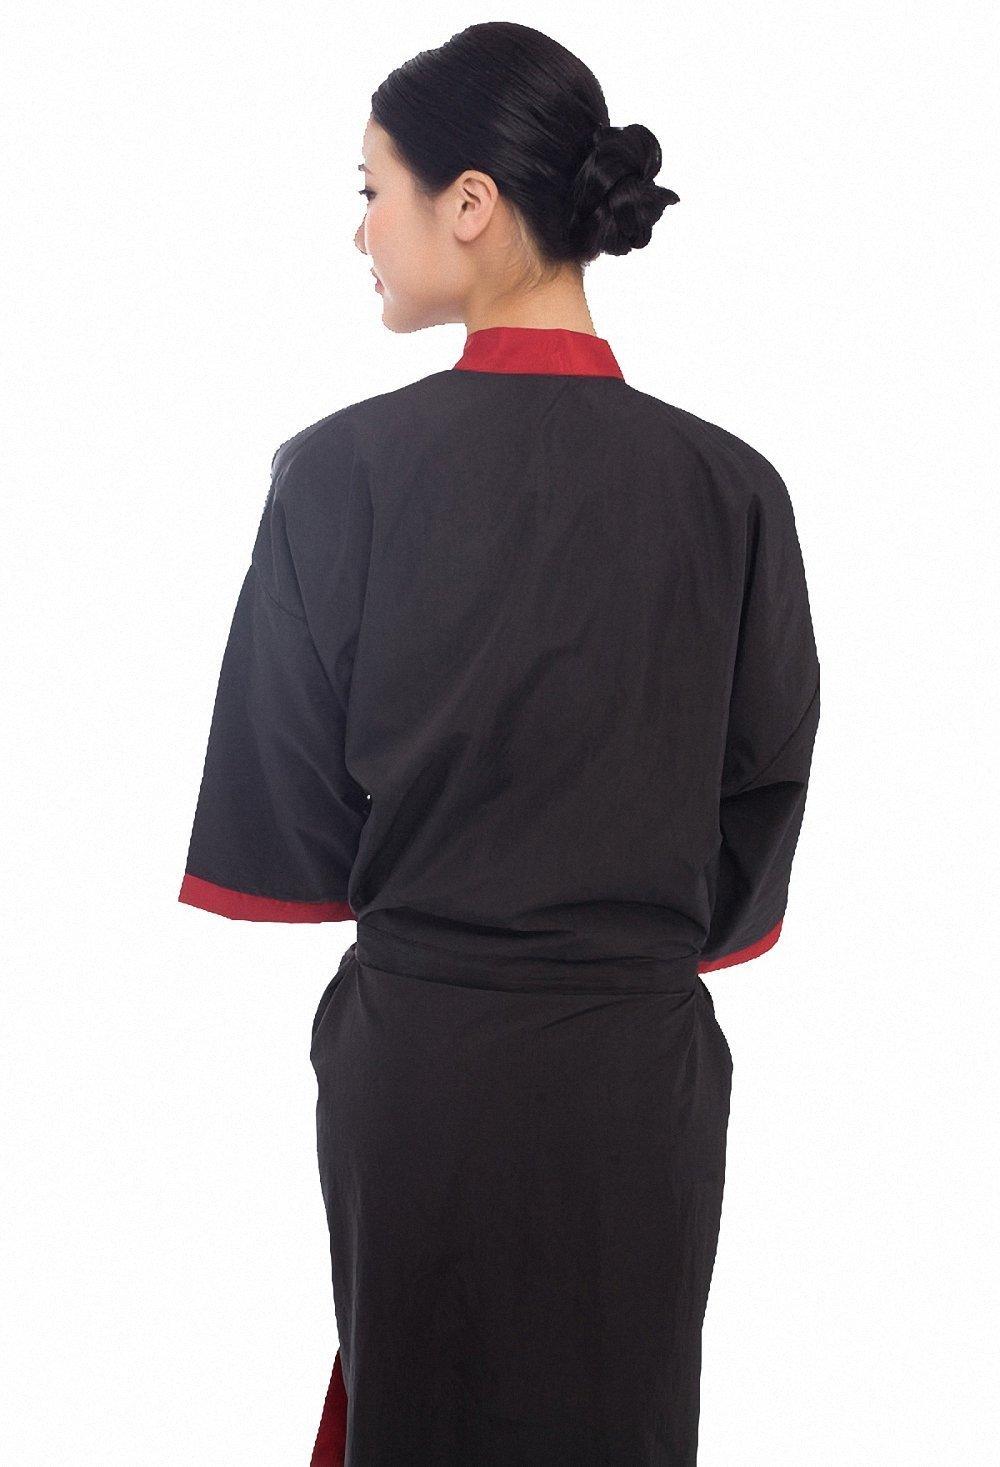 Bata negra para salón, peluquería, bata estilo kimono de 43